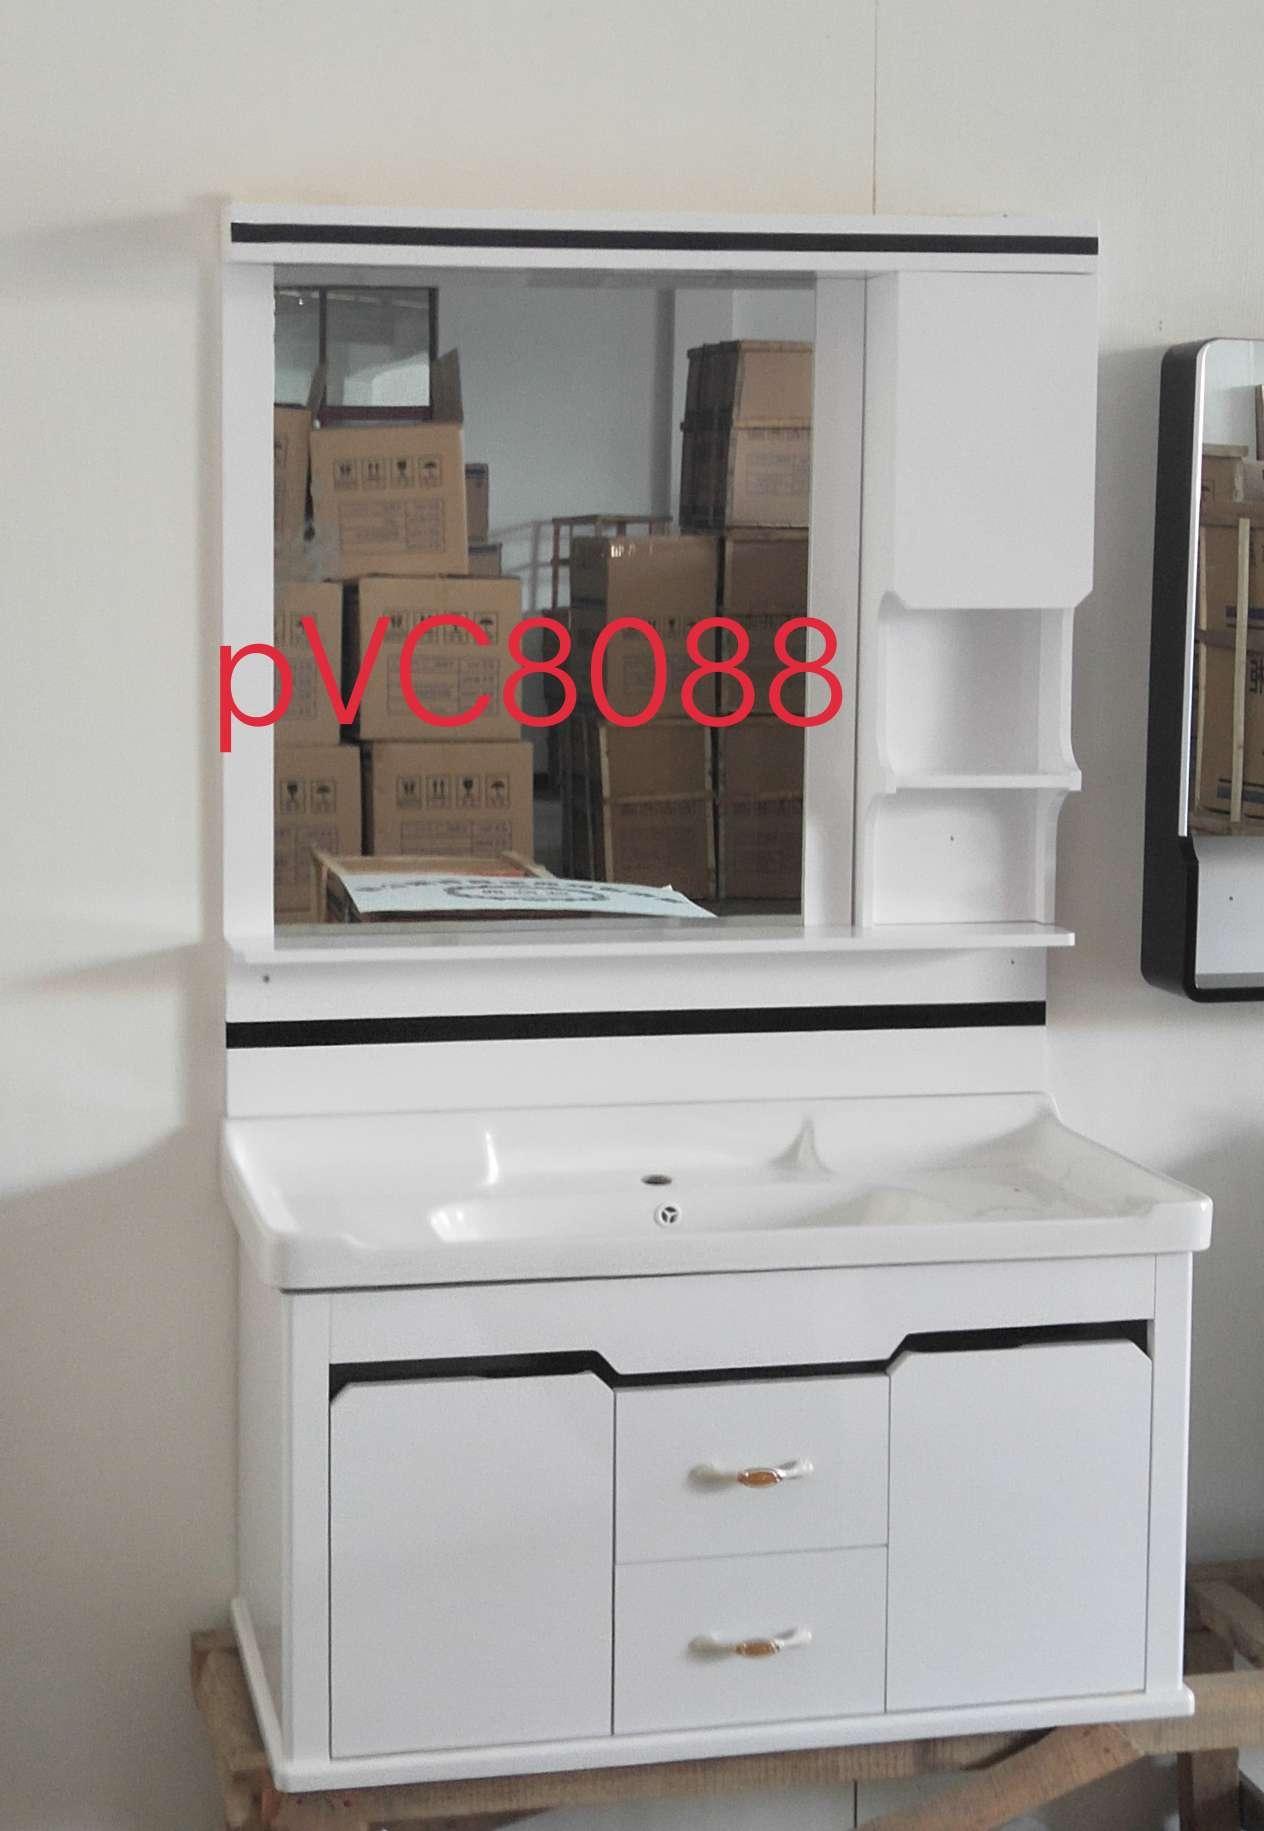 pVc8088